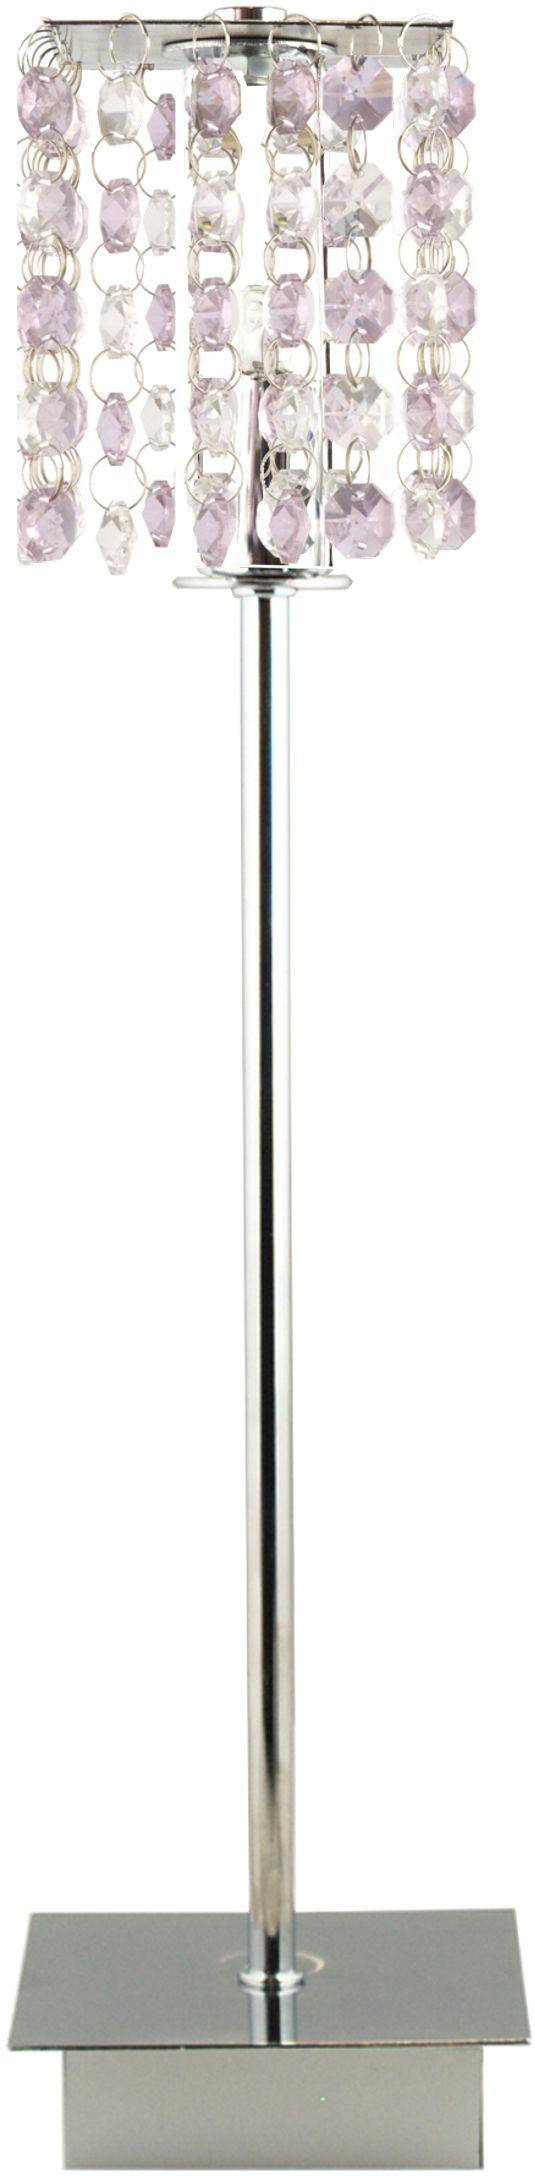 Candellux CLASSIC 41-59584 lampa stołowa kryształki metal fioletowa 1X40W G9 11 cm